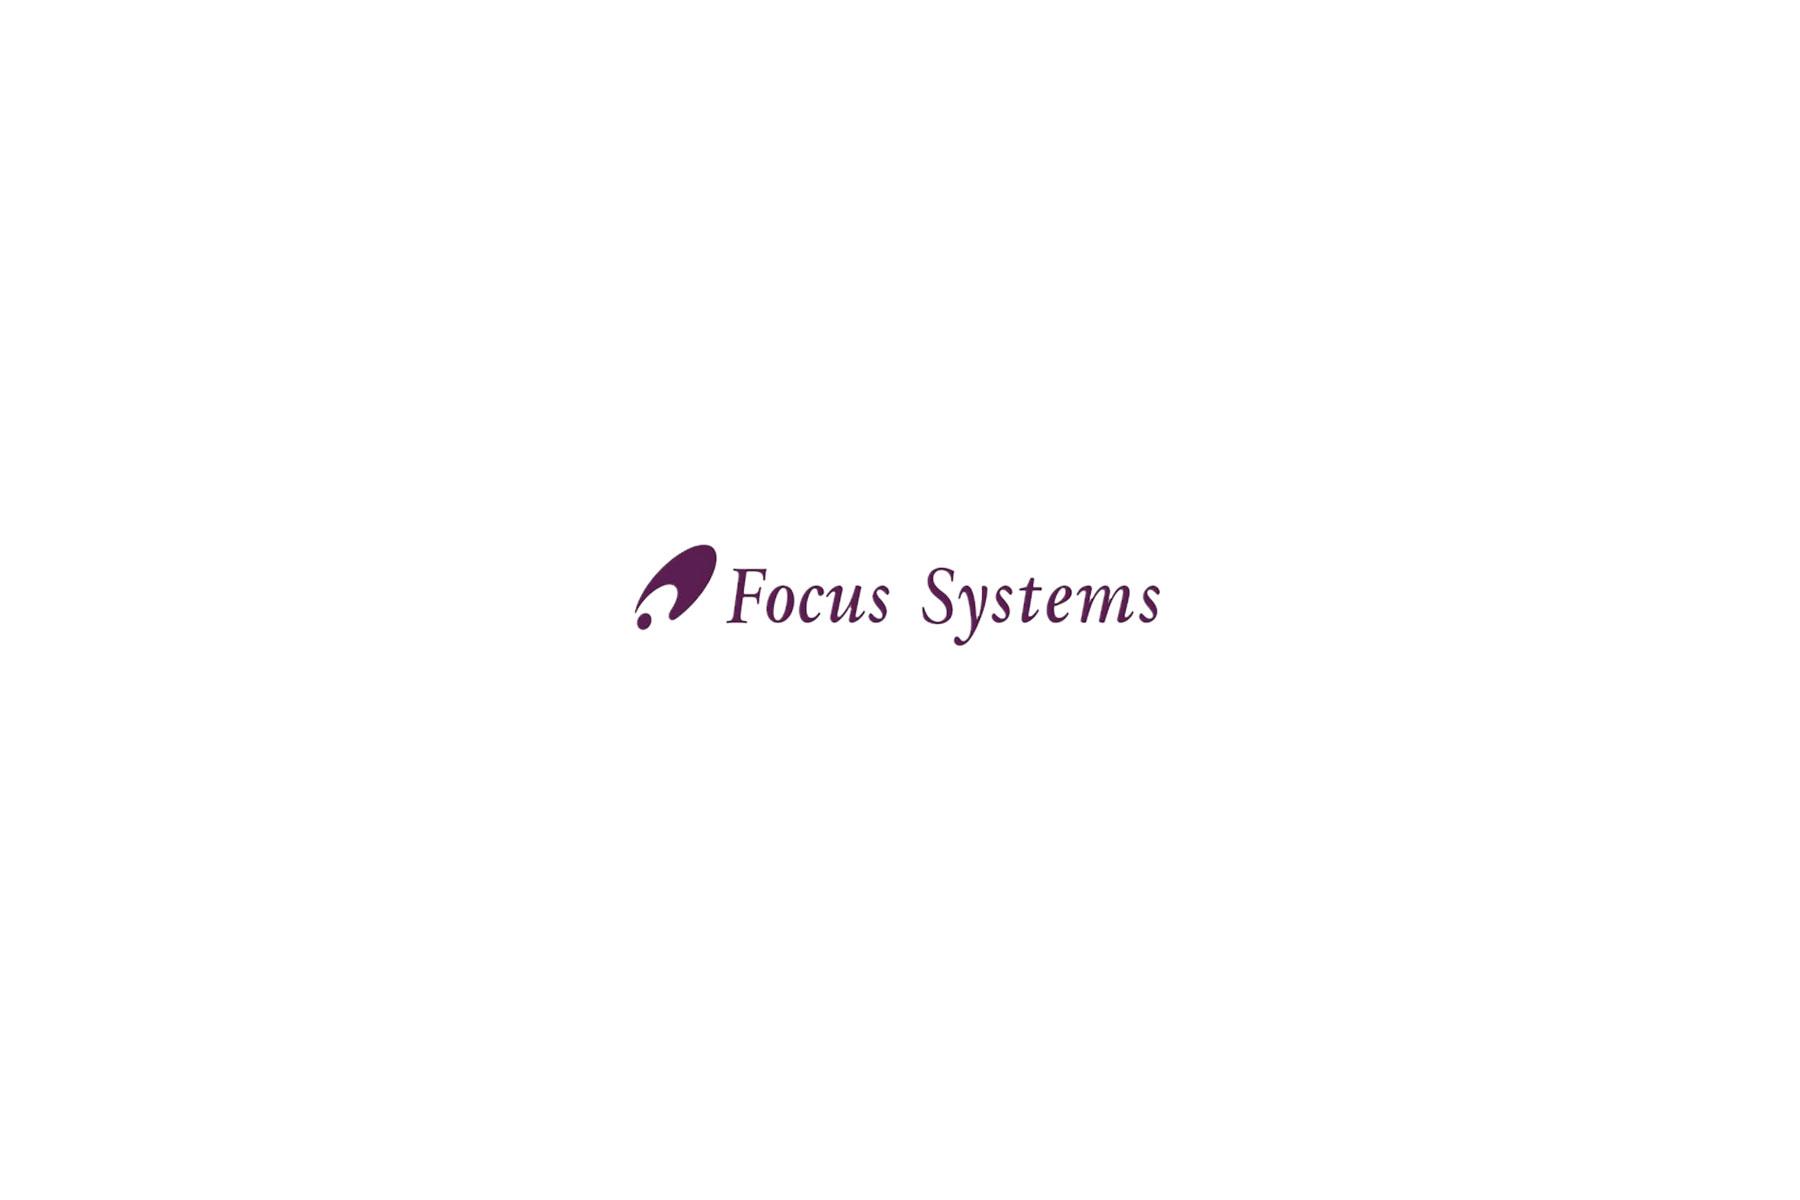 株式会社フォーカスシステムズのトップ画像